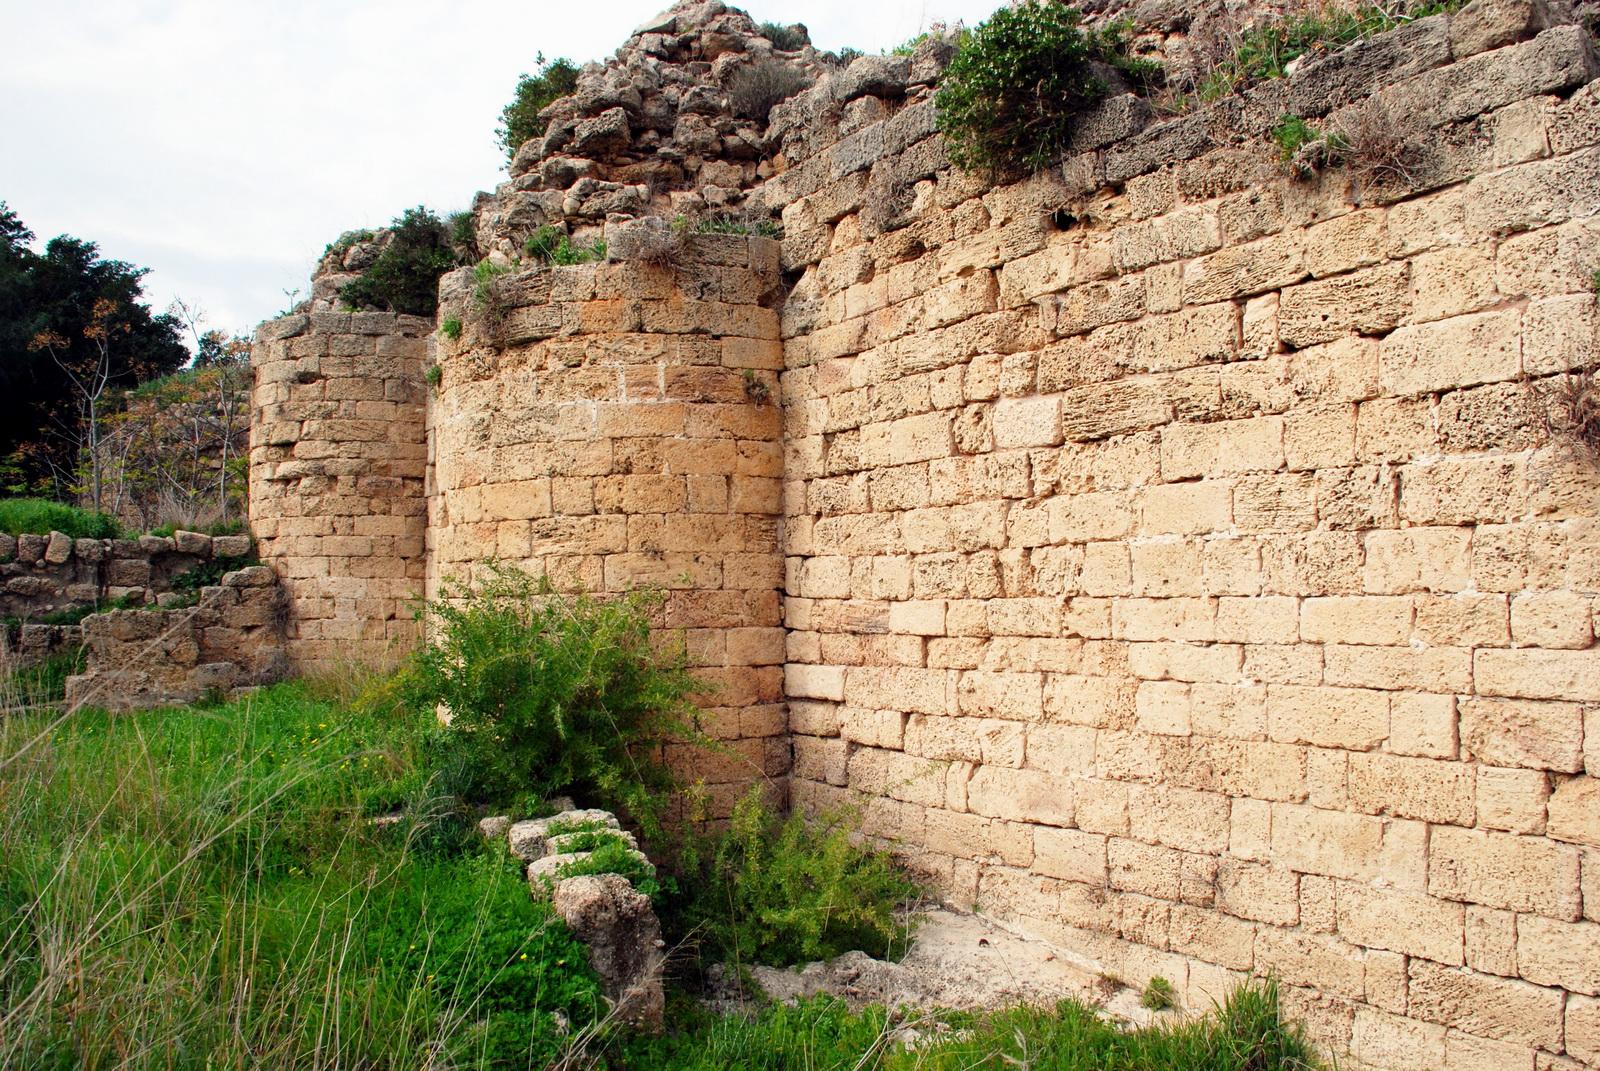 הבונים - שרידי מבצר מימי הביניים